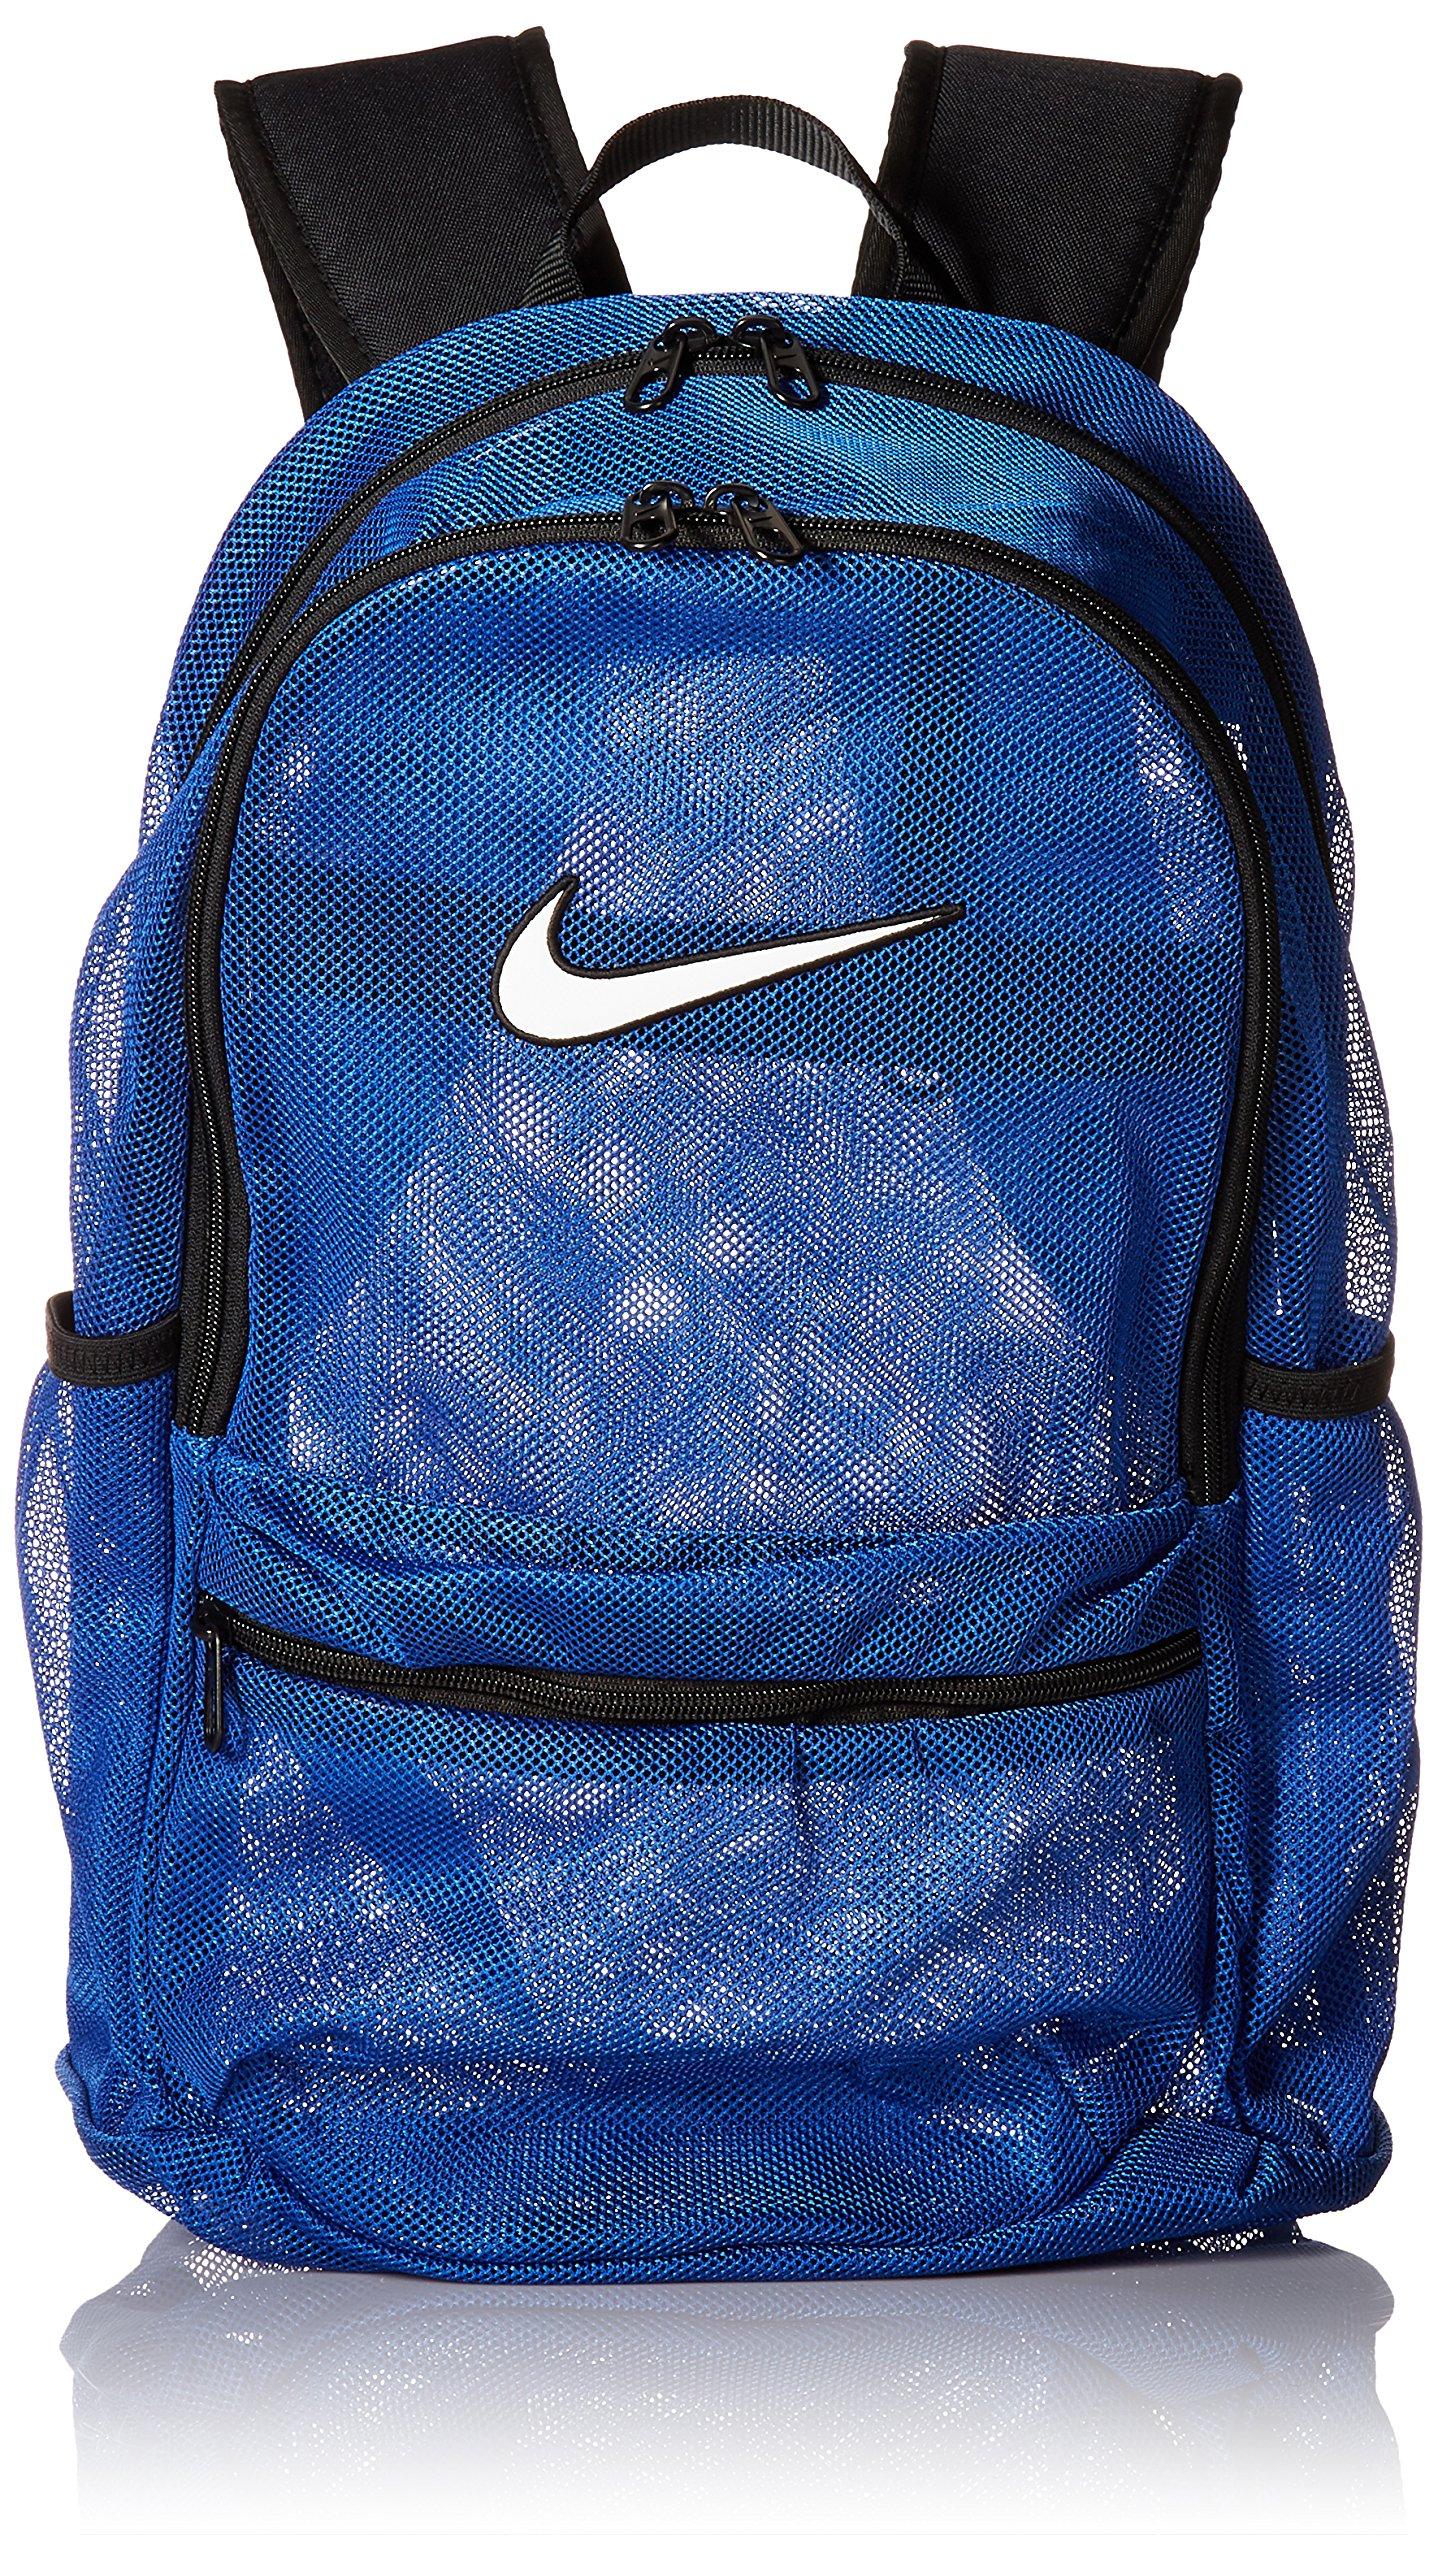 disfruta de precio barato Buenos precios servicio duradero NIKE Brasilia Mesh Backpack- Buy Online in Dominica at Desertcart